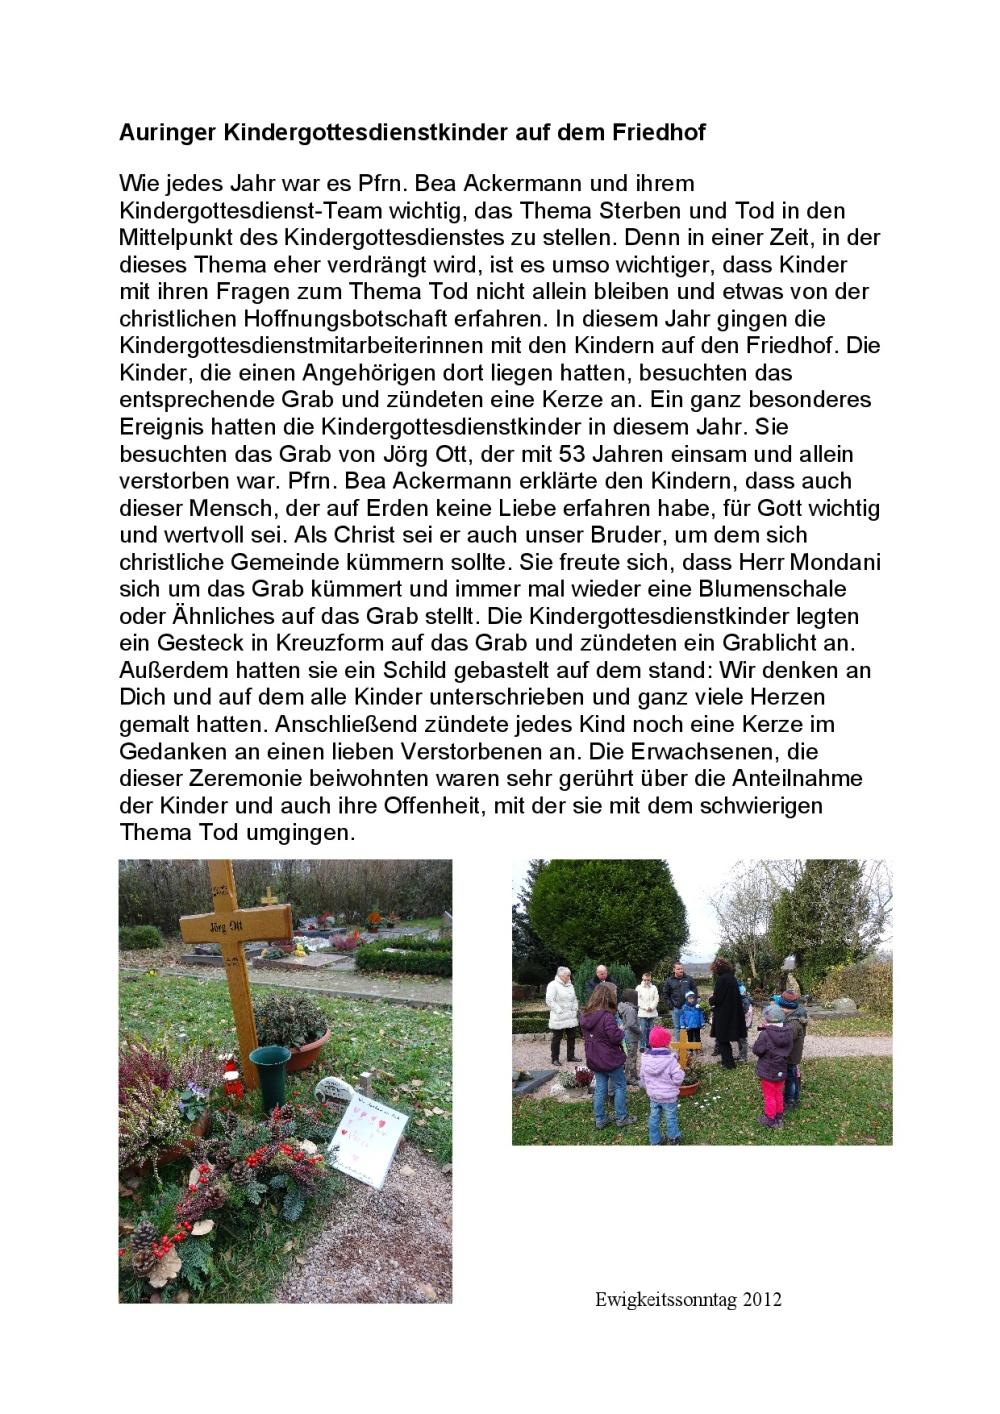 34-Ewigkeitssonntag -  Kigokinder auf dem Friedhof 25.11.1…-001